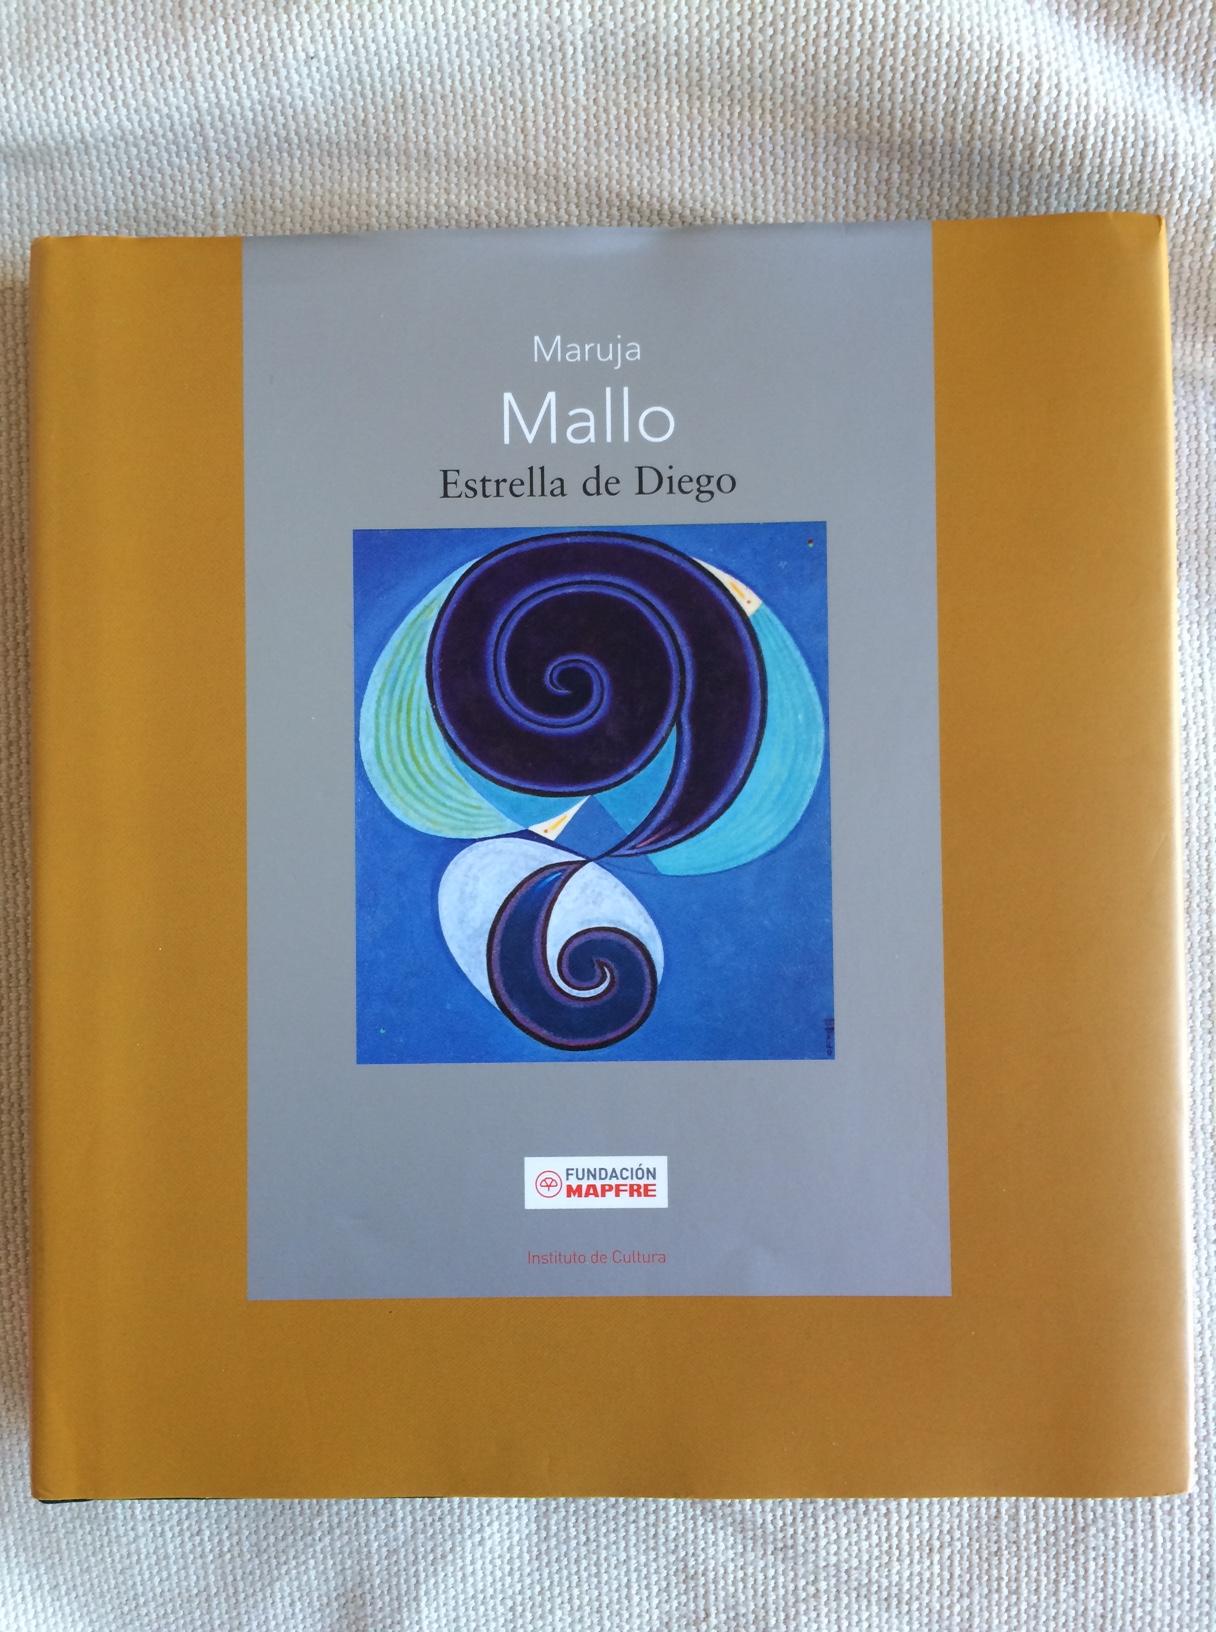 Estrella de Diego. Maruja Mallo. Fundación MAPFRE